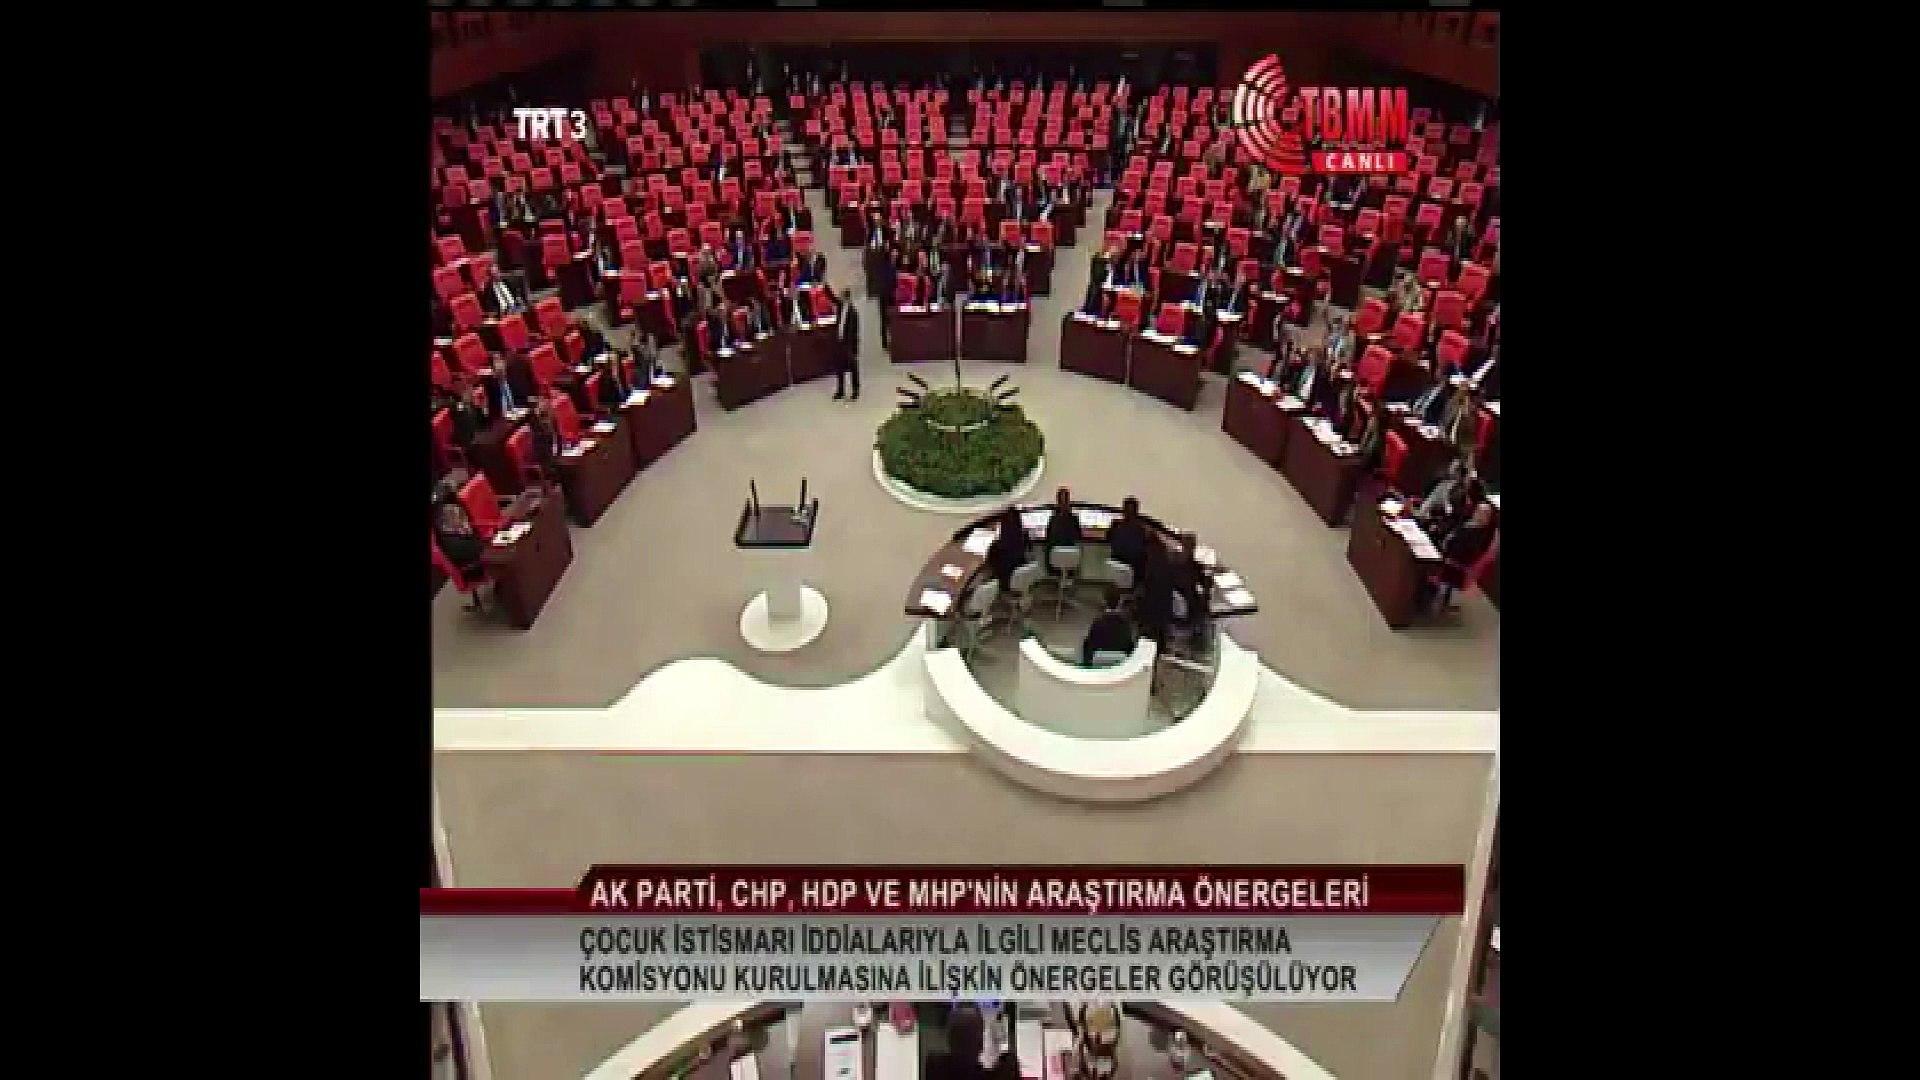 'Çocuk istismarı düzenlemelerini AK Parti engelliyor' yalanı böyle ifşa oldu